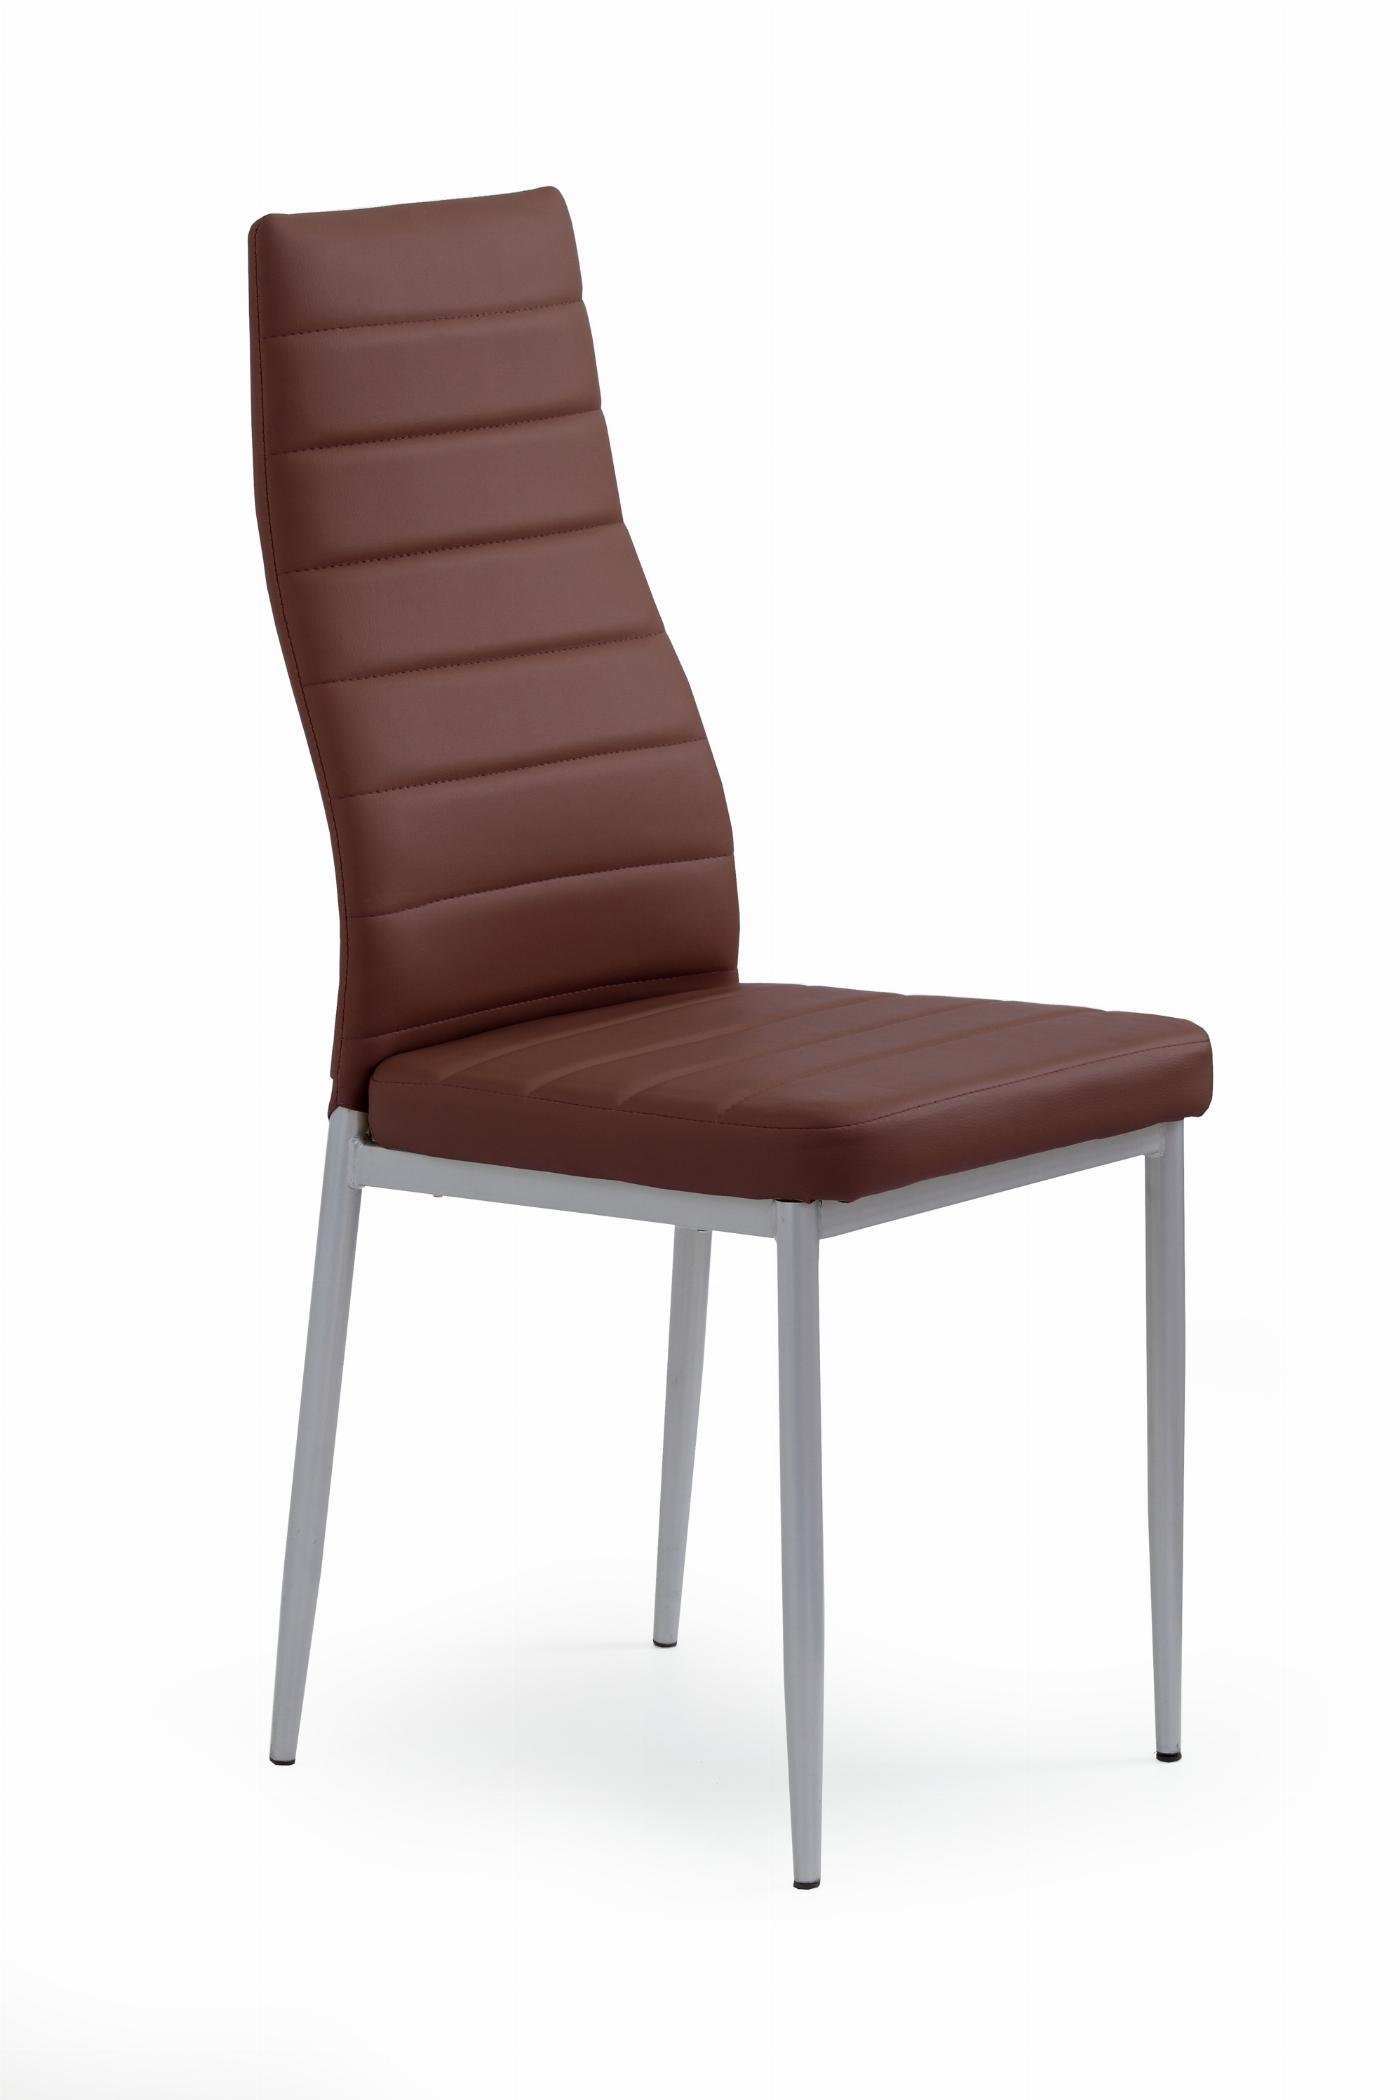 K70 krzesło ciemny brąz (1p=4szt)